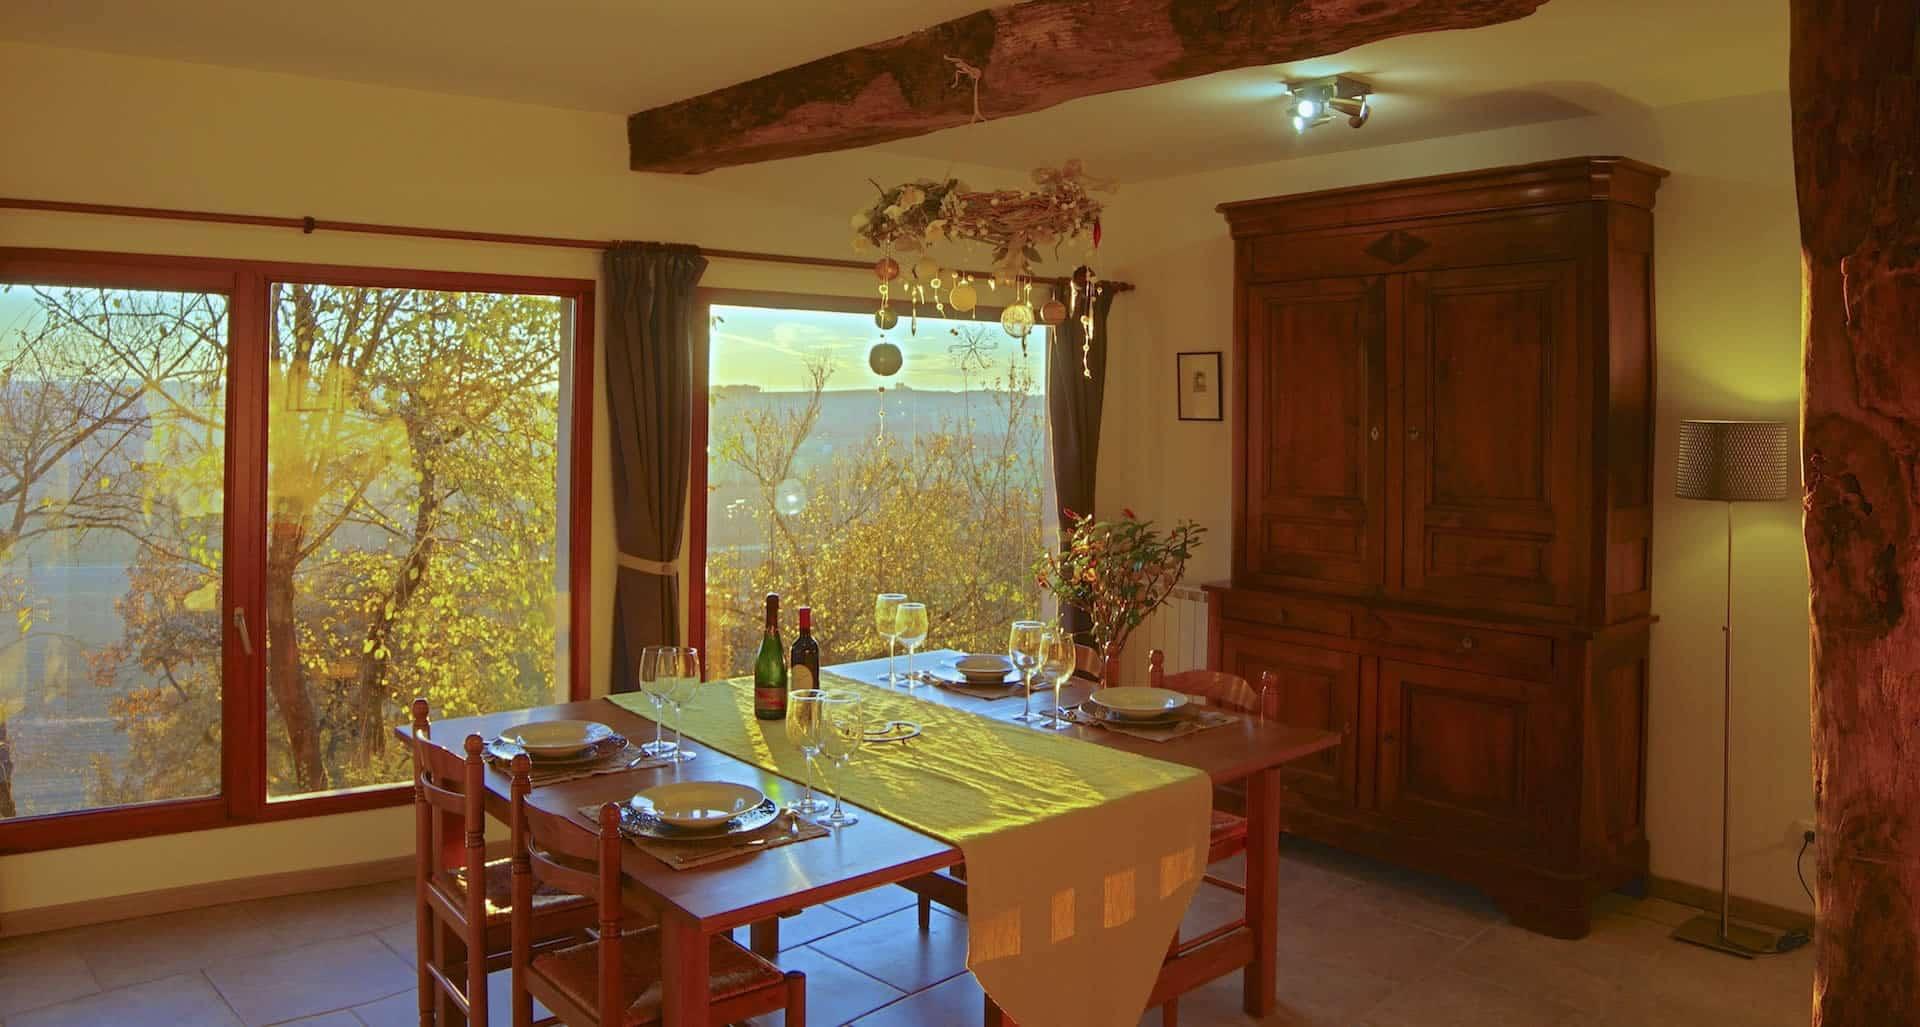 Gîte de charme - salon salle à manger poêle à bois